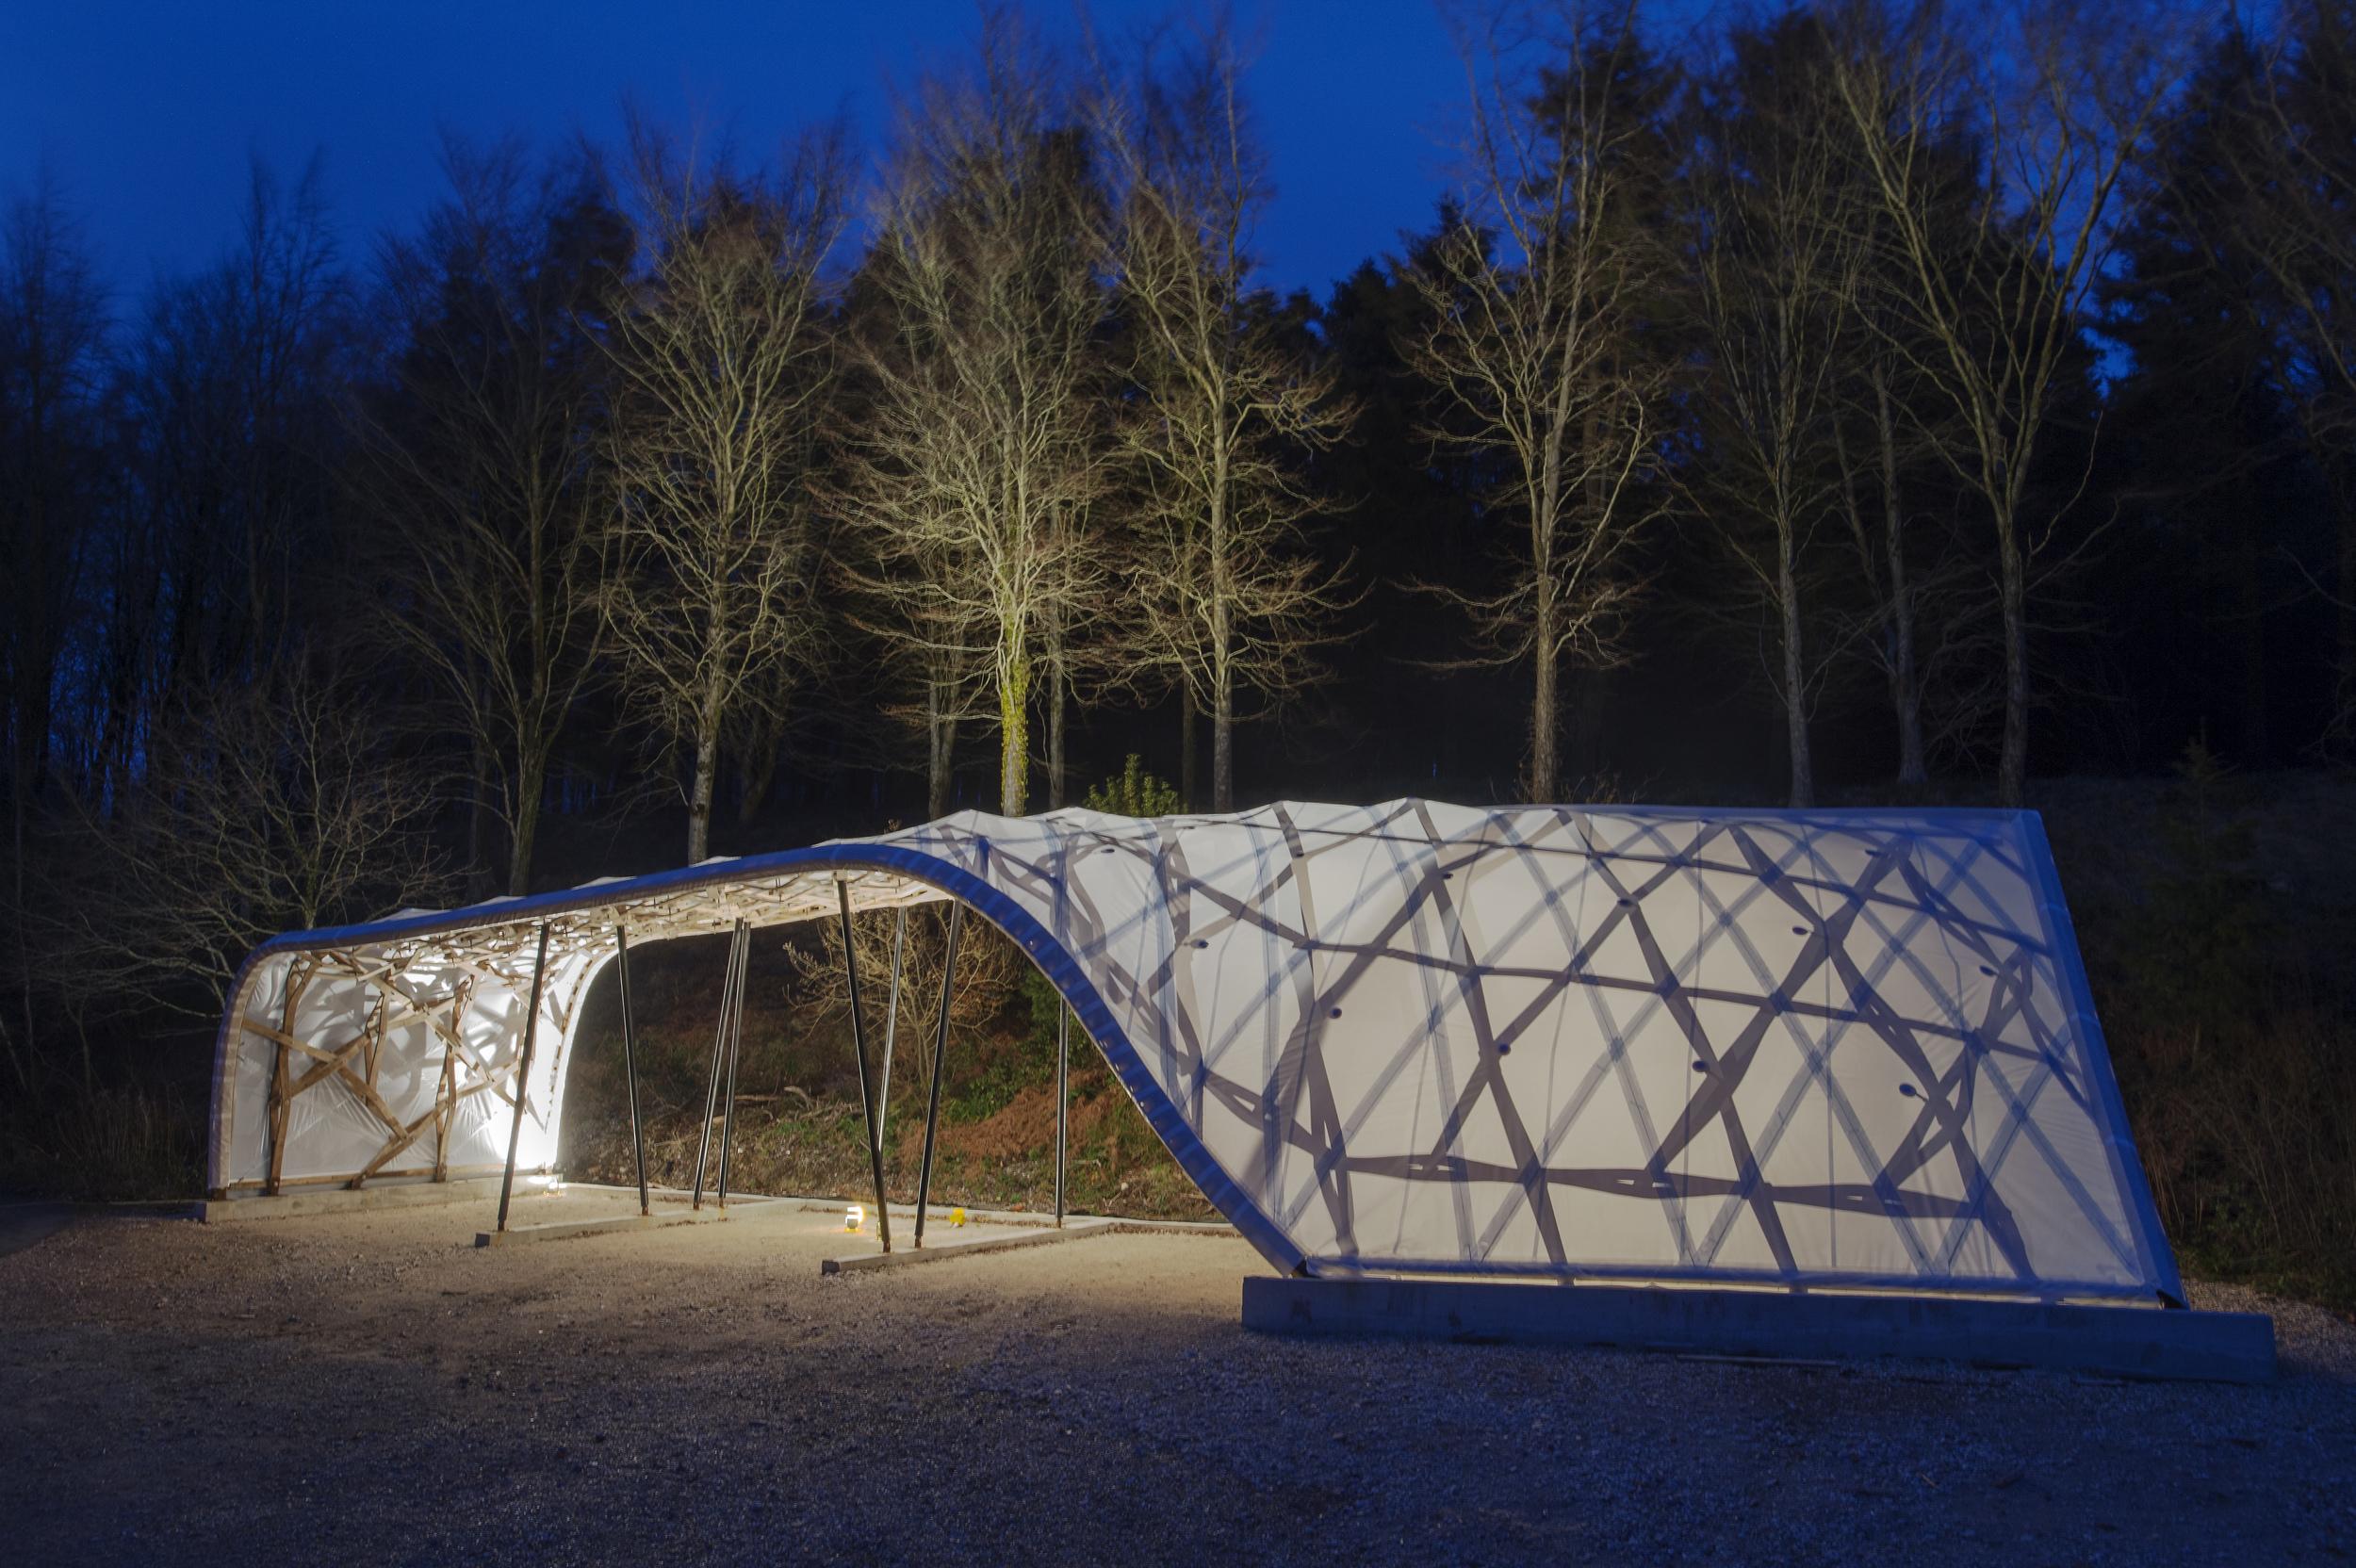 Hooke_Park_Design_&_Make_Timber_Seasoning_Shelter_©Valerie_Bennett_2014_02_22_0095.jpg